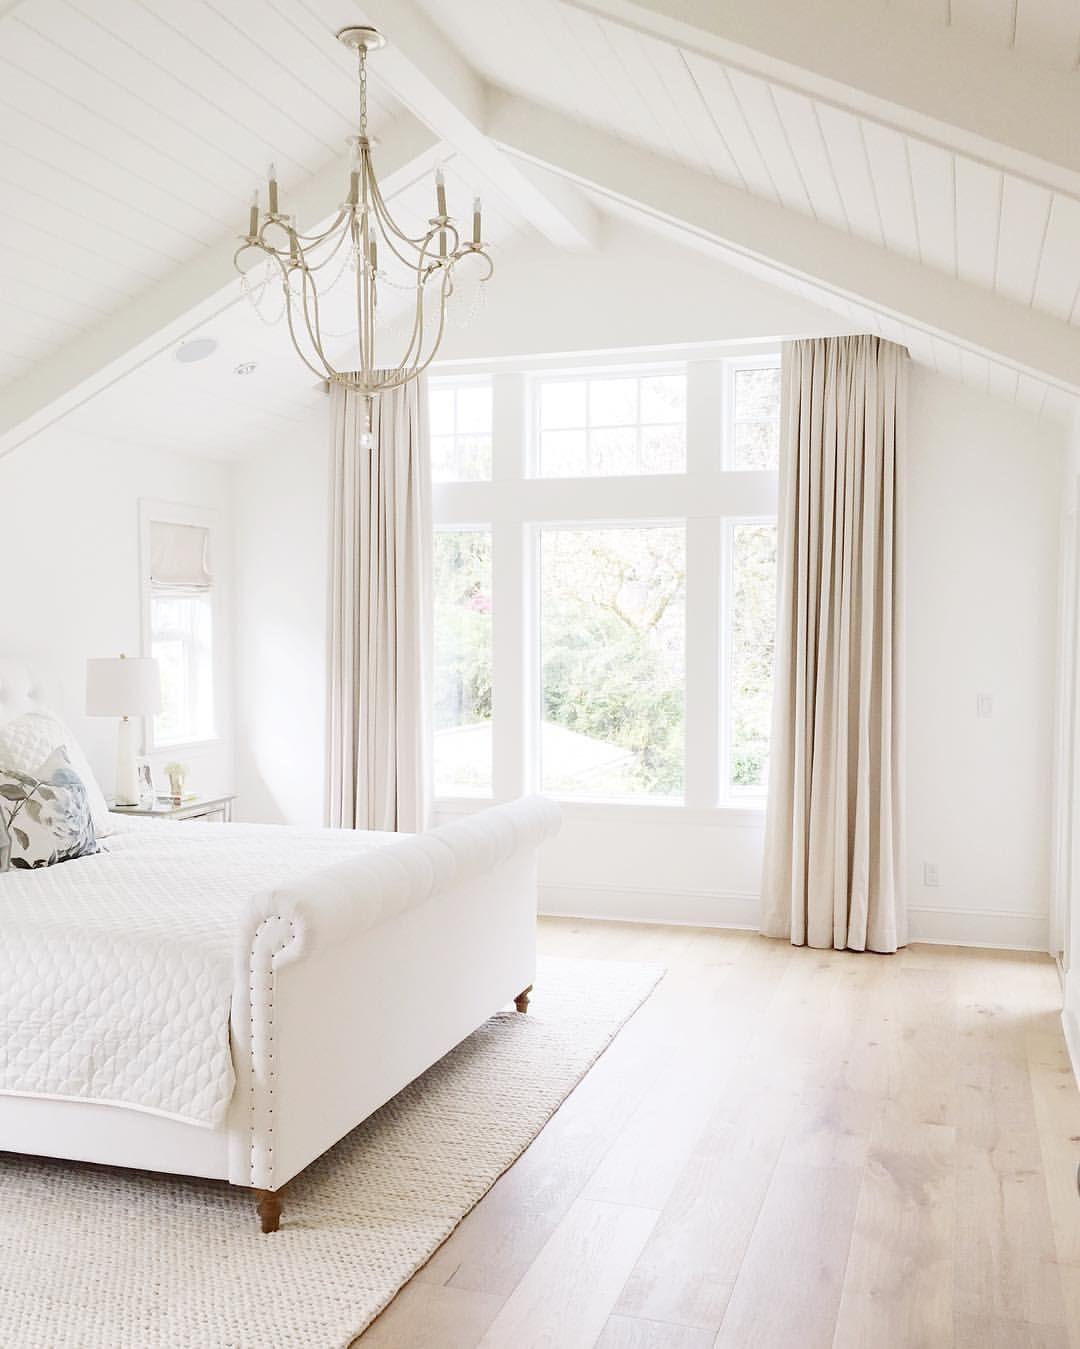 bedroom vaulted ceiling chandelier hardwood floors. Home ...